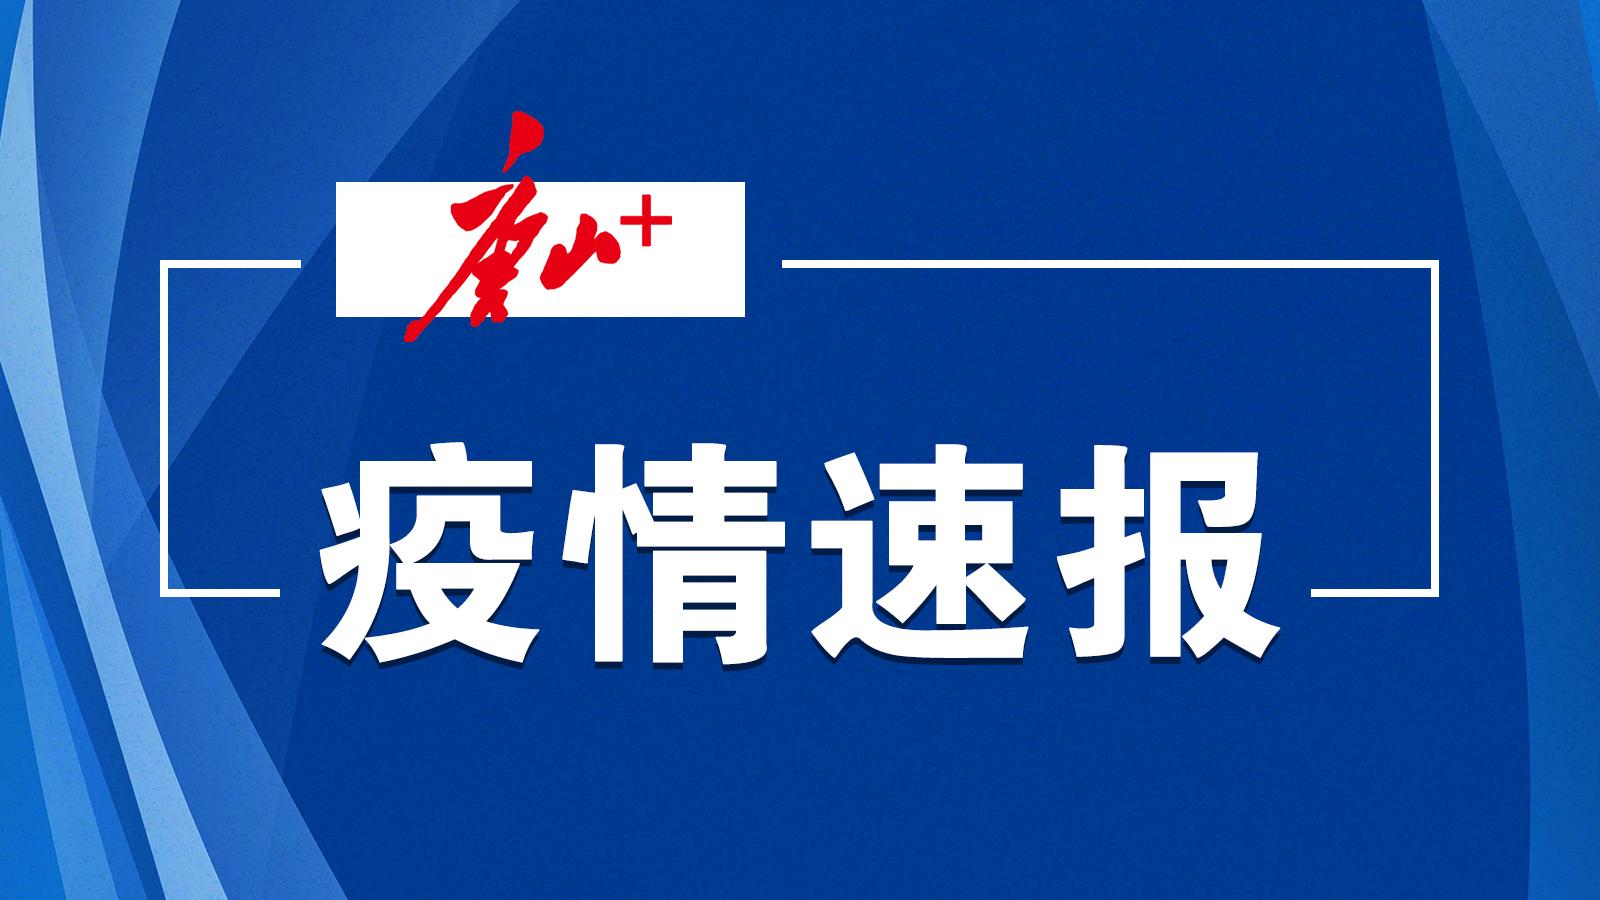 10月15日河北无新增确诊病例